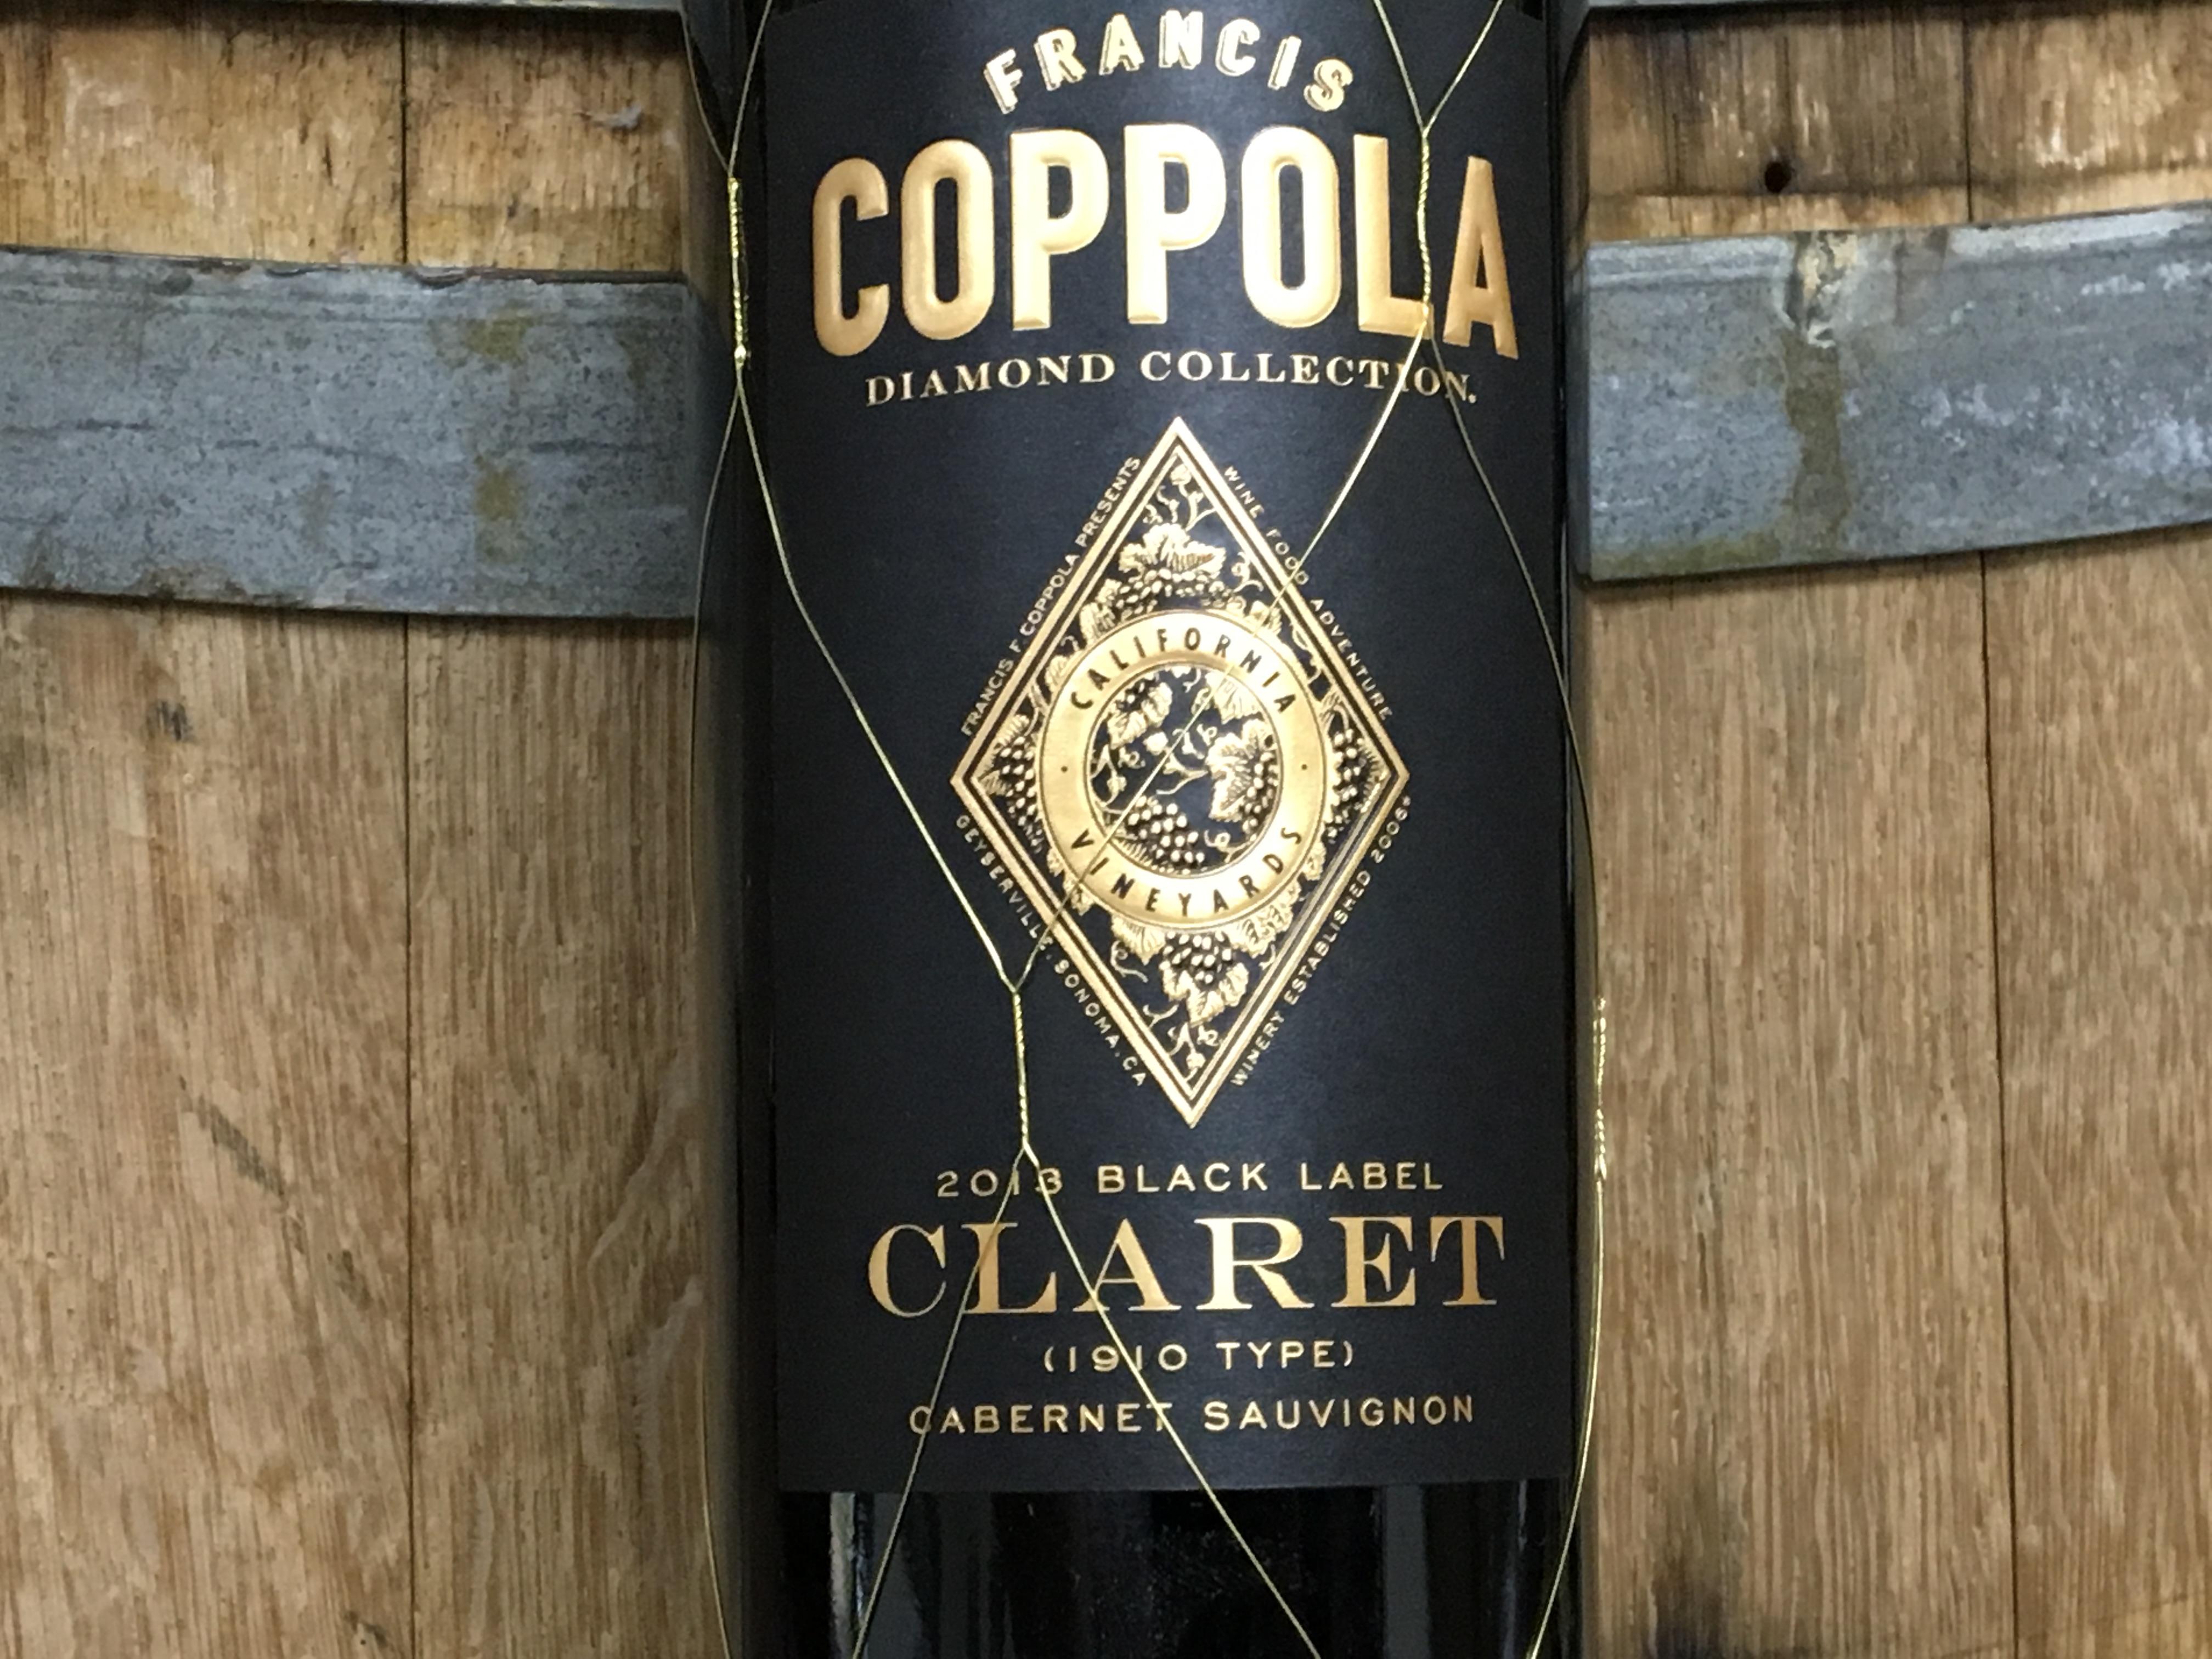 Coppola Claret